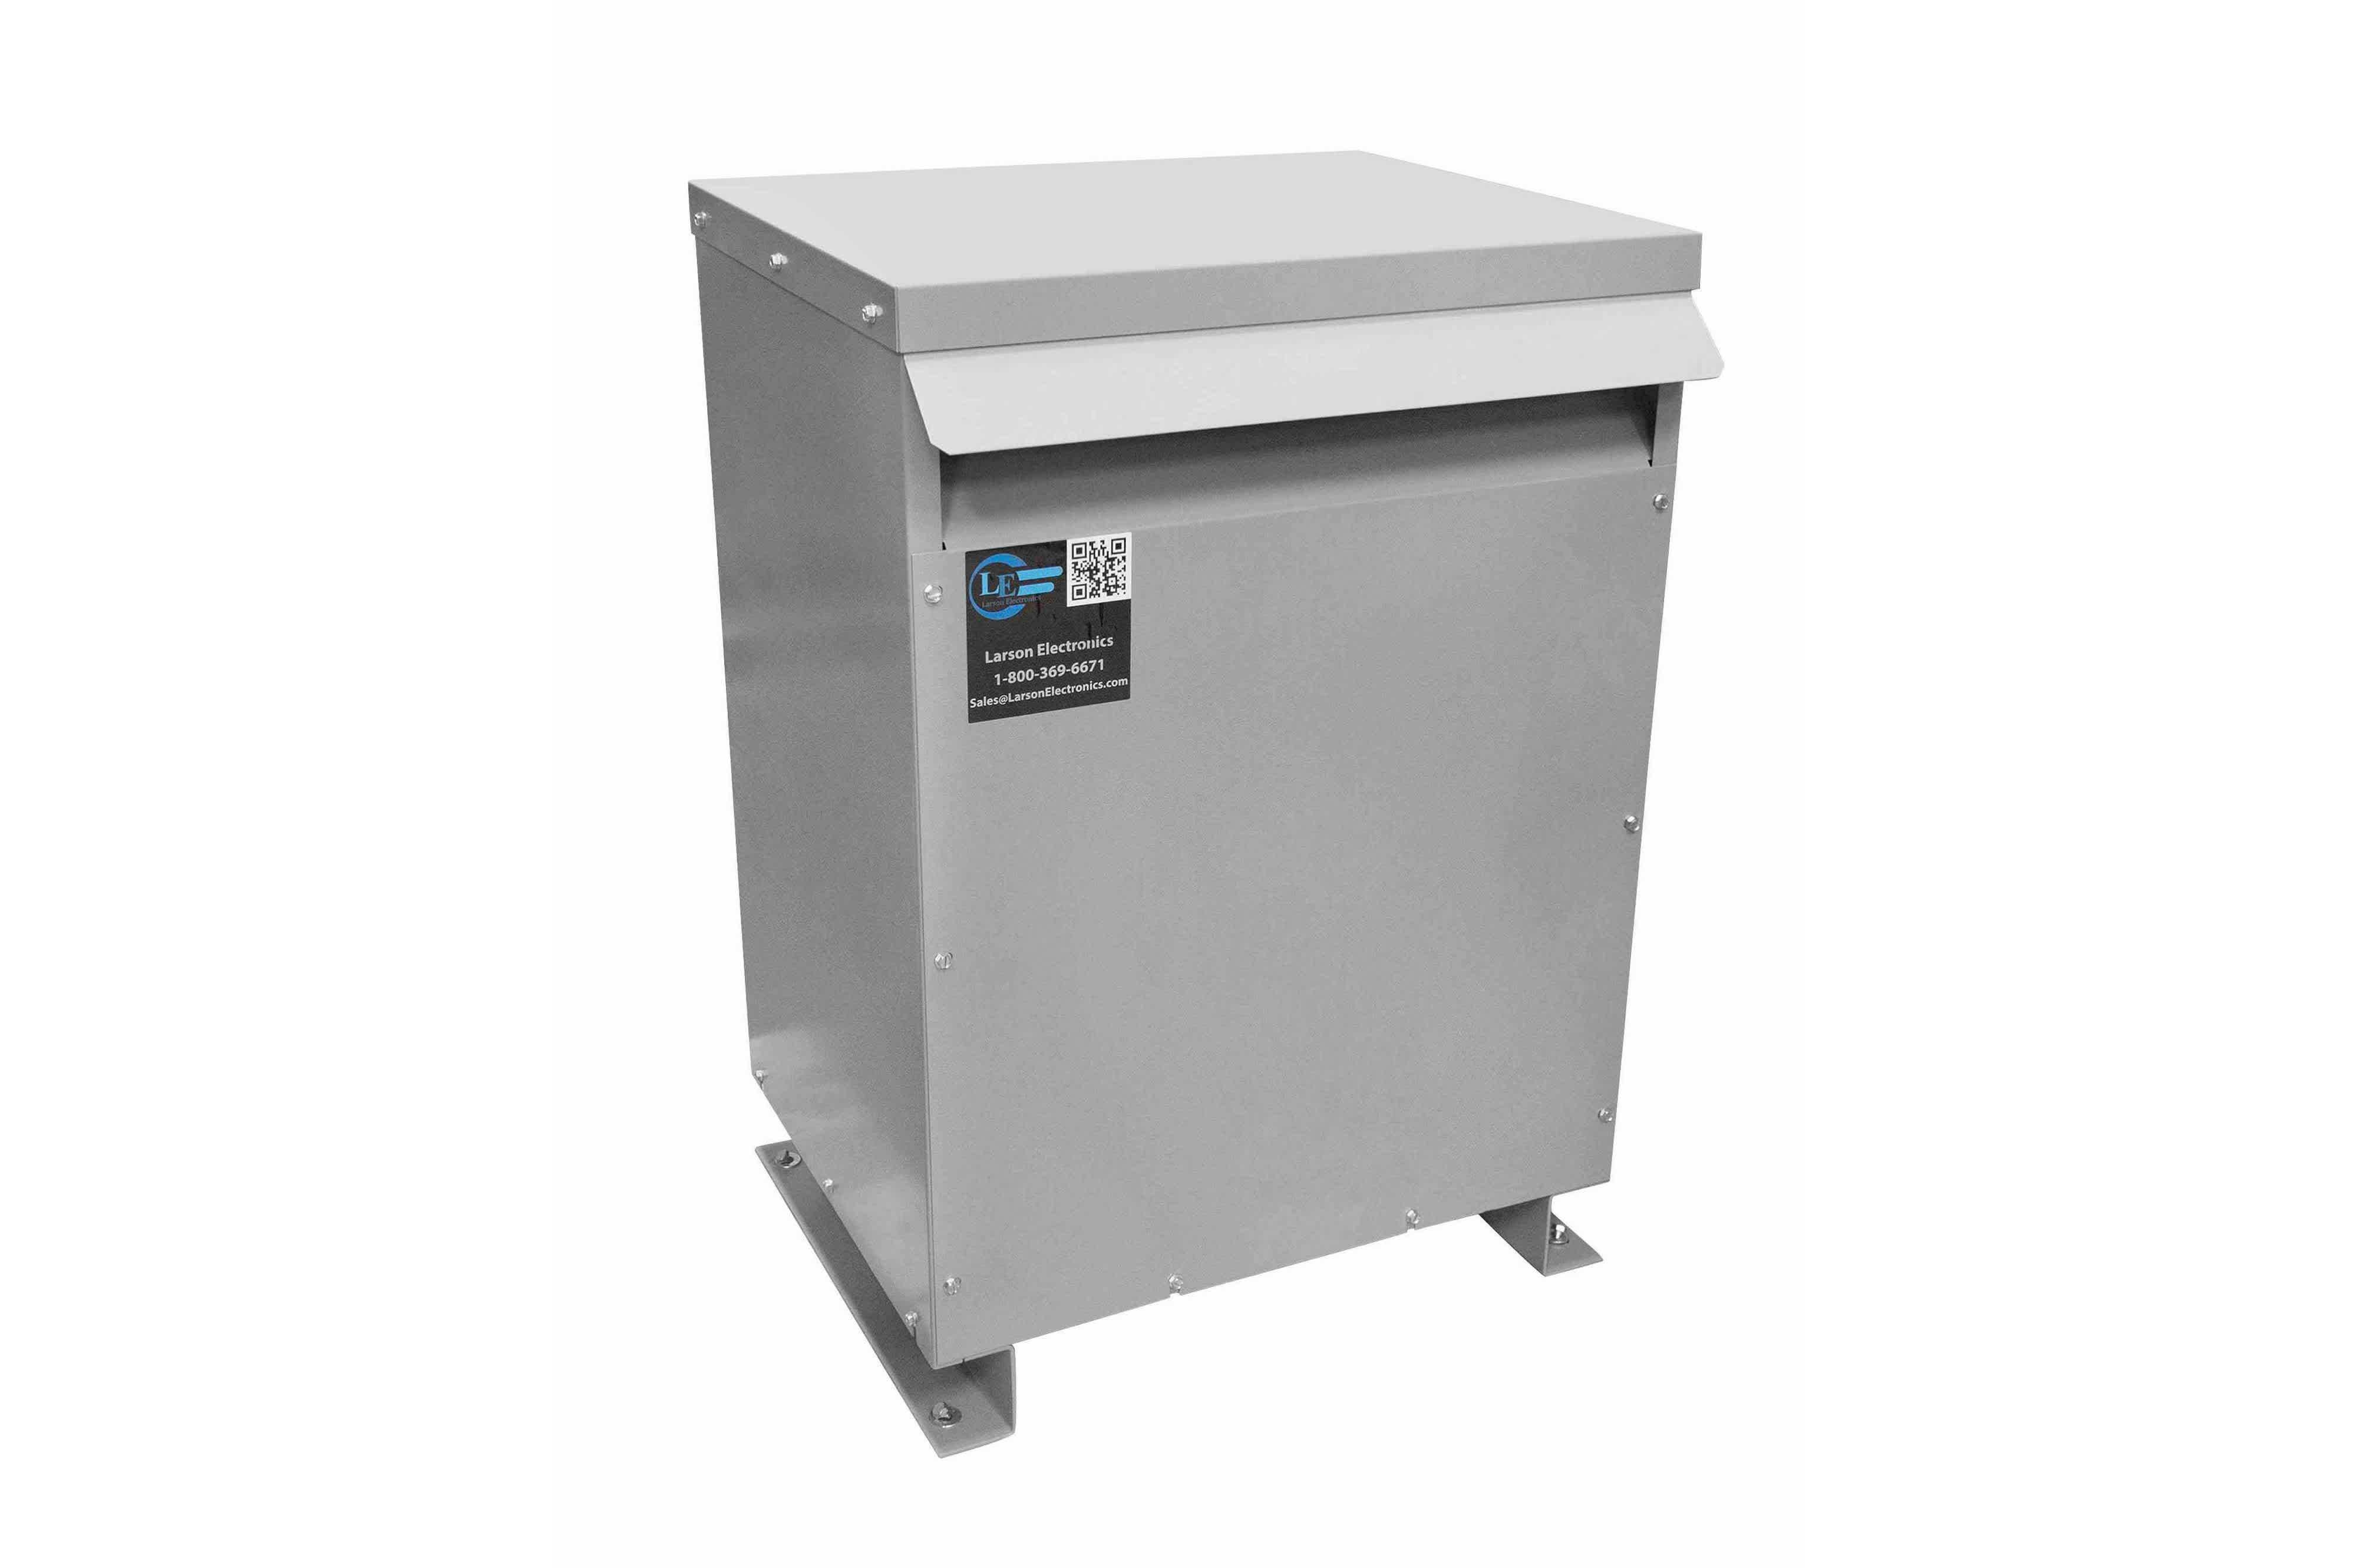 750 kVA 3PH Isolation Transformer, 208V Delta Primary, 600V Delta Secondary, N3R, Ventilated, 60 Hz